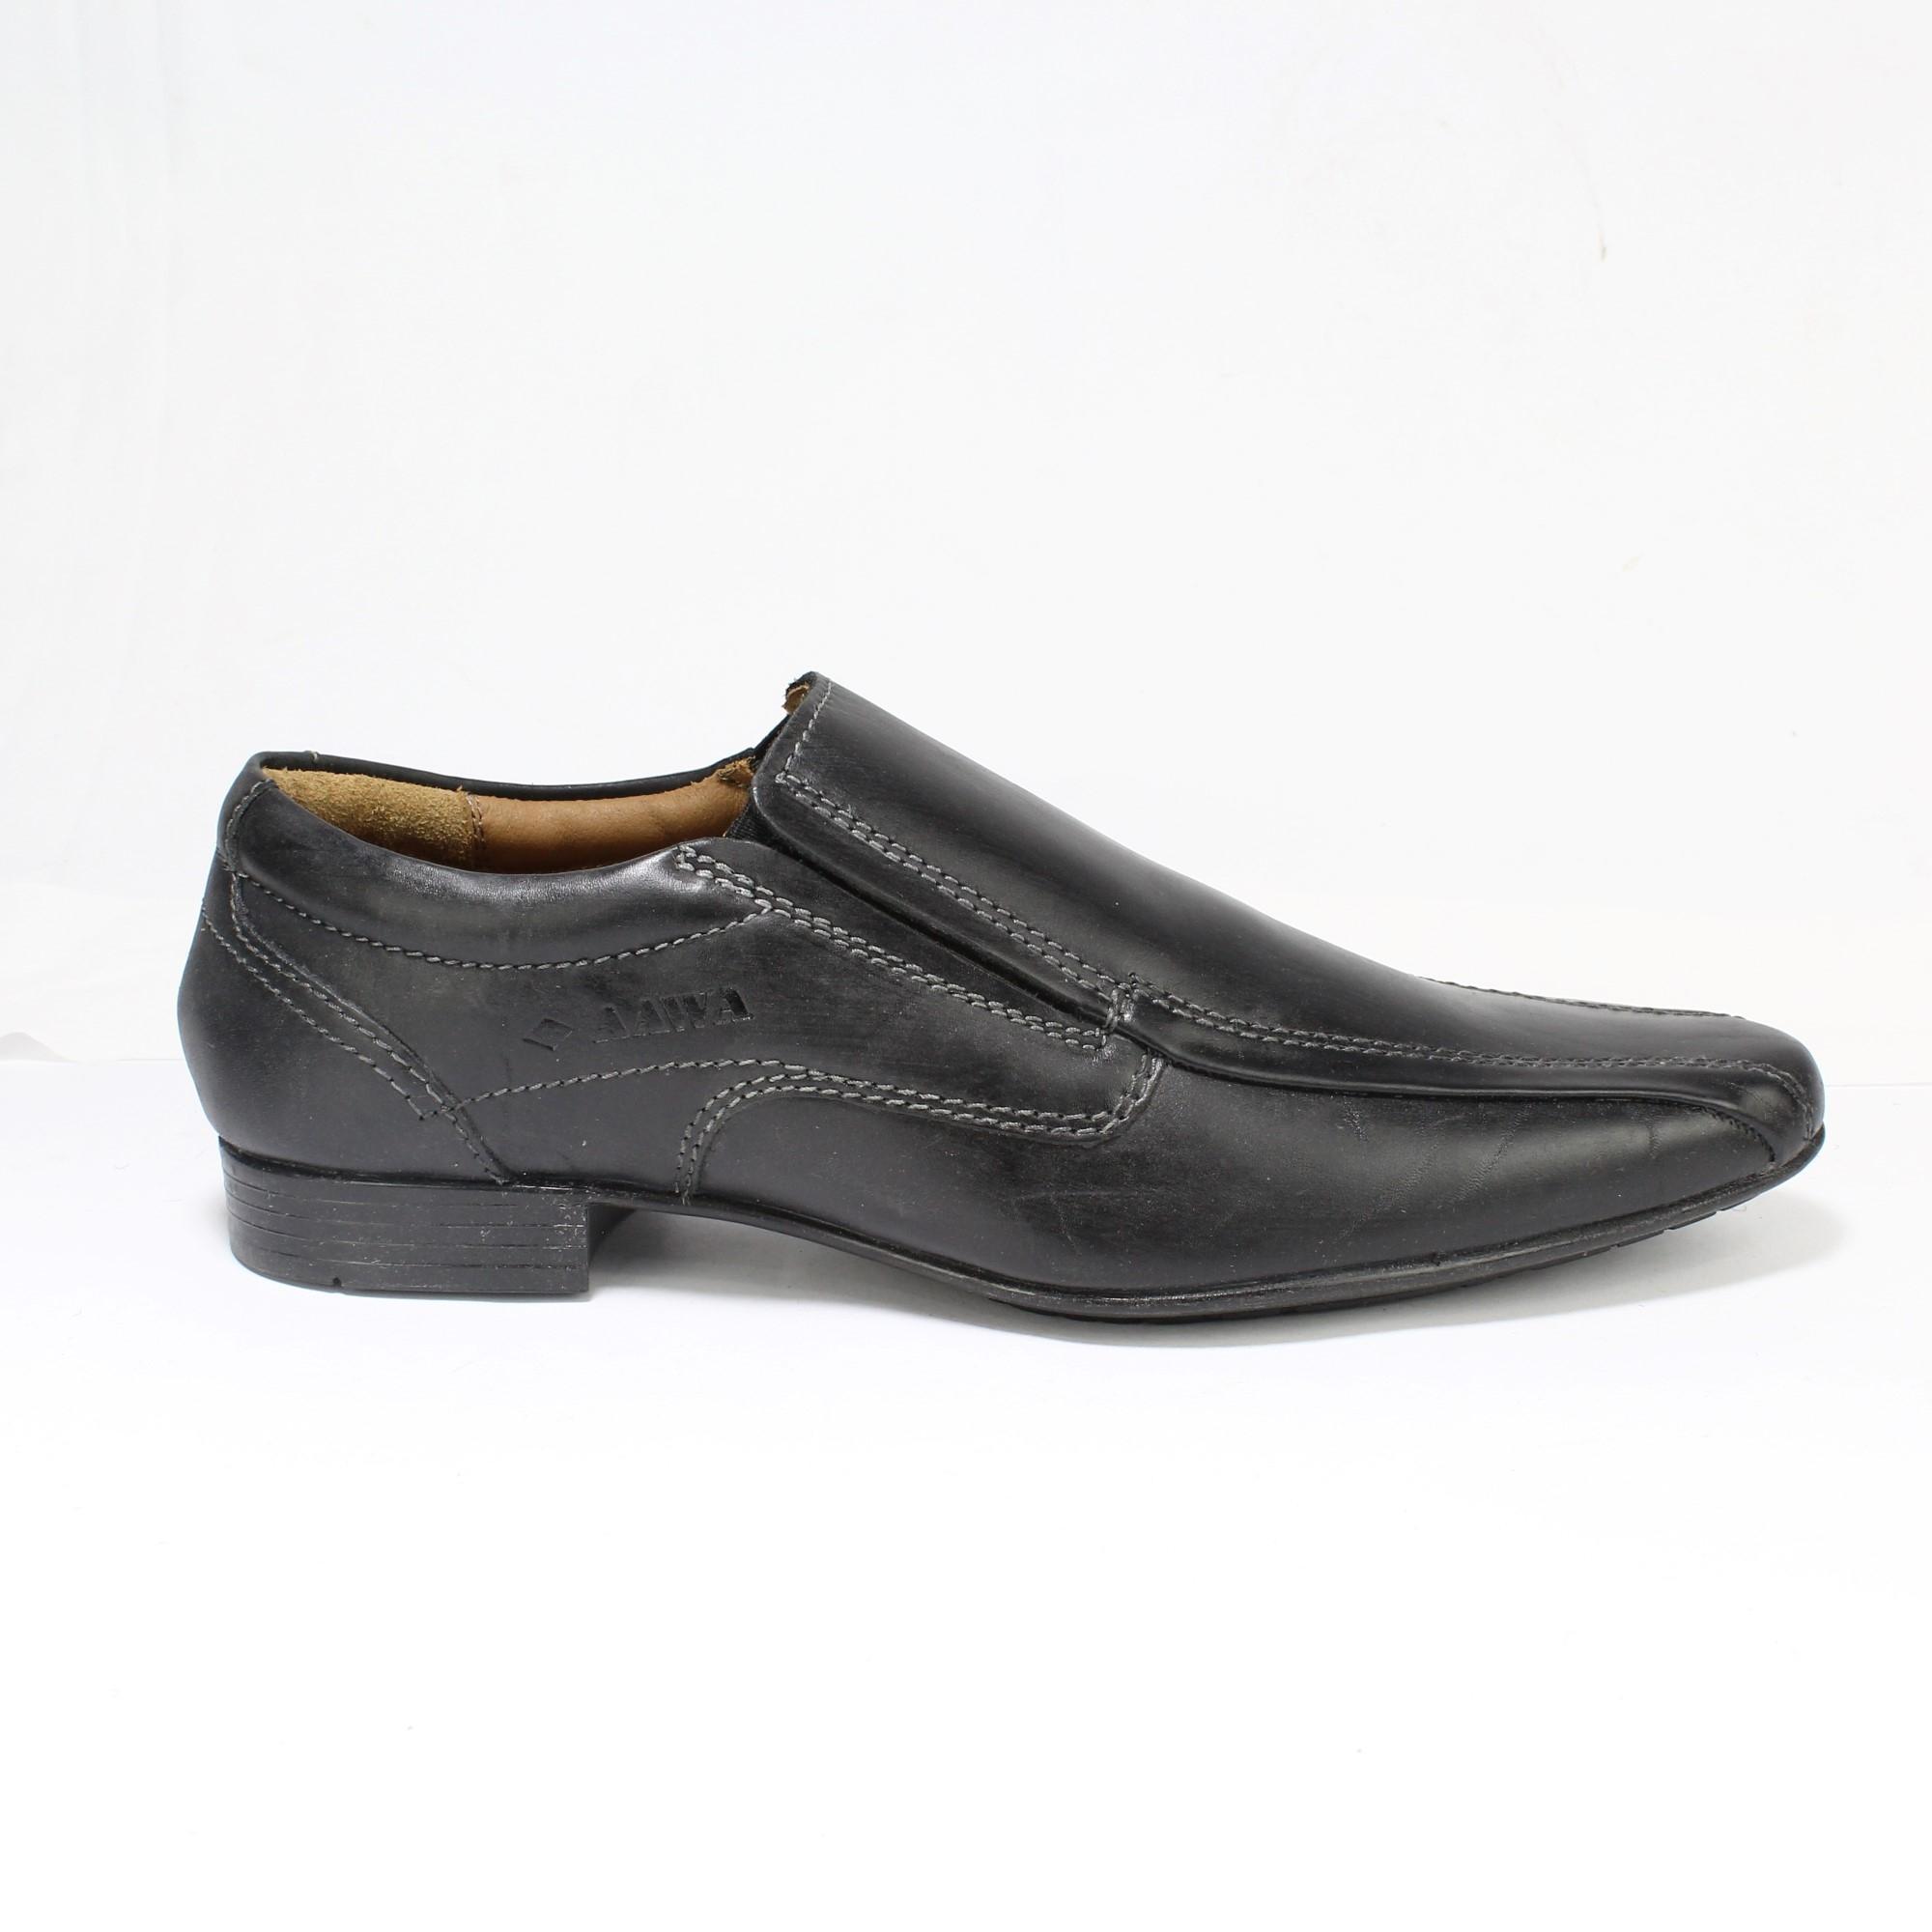 AAWA Black Formal Slip On Shoes For Men 2da47d9e5